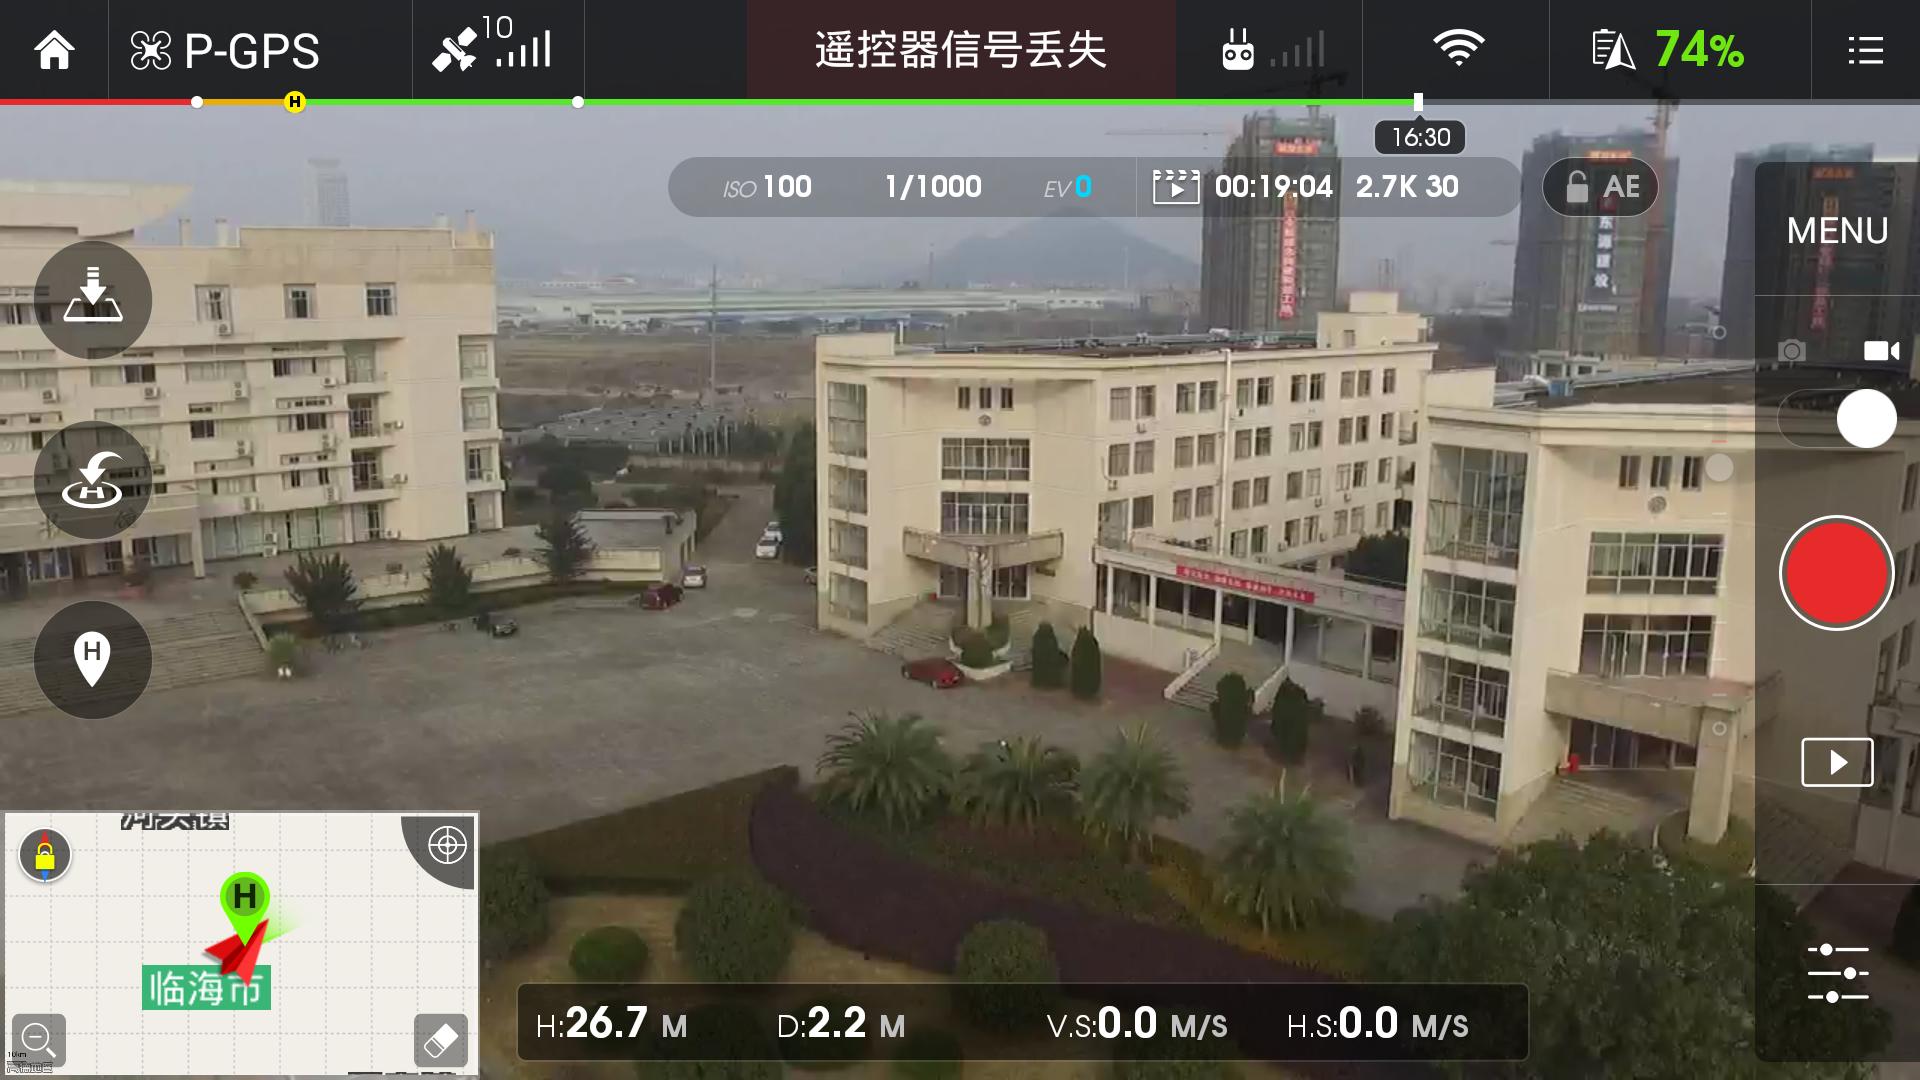 Screenshot_2015-12-31-14-27-37_dji.pilot.png